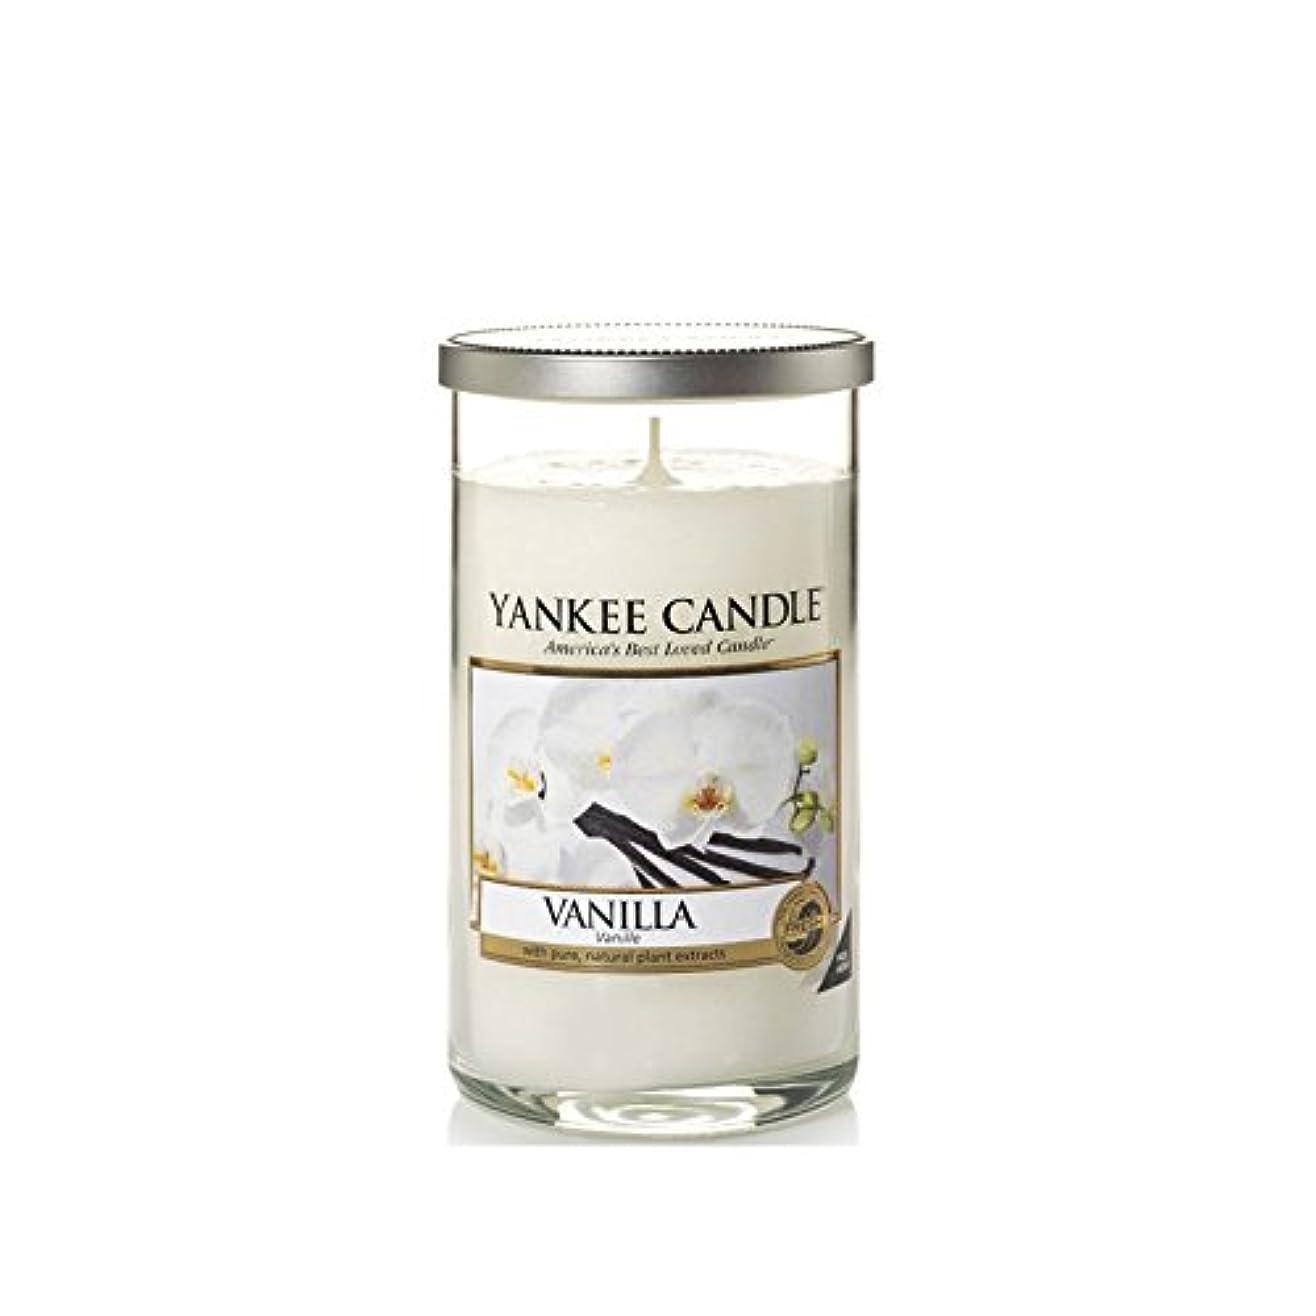 交渉する二週間本物のYankee Candles Medium Pillar Candle - Vanilla (Pack of 2) - ヤンキーキャンドルメディアピラーキャンドル - バニラ (x2) [並行輸入品]